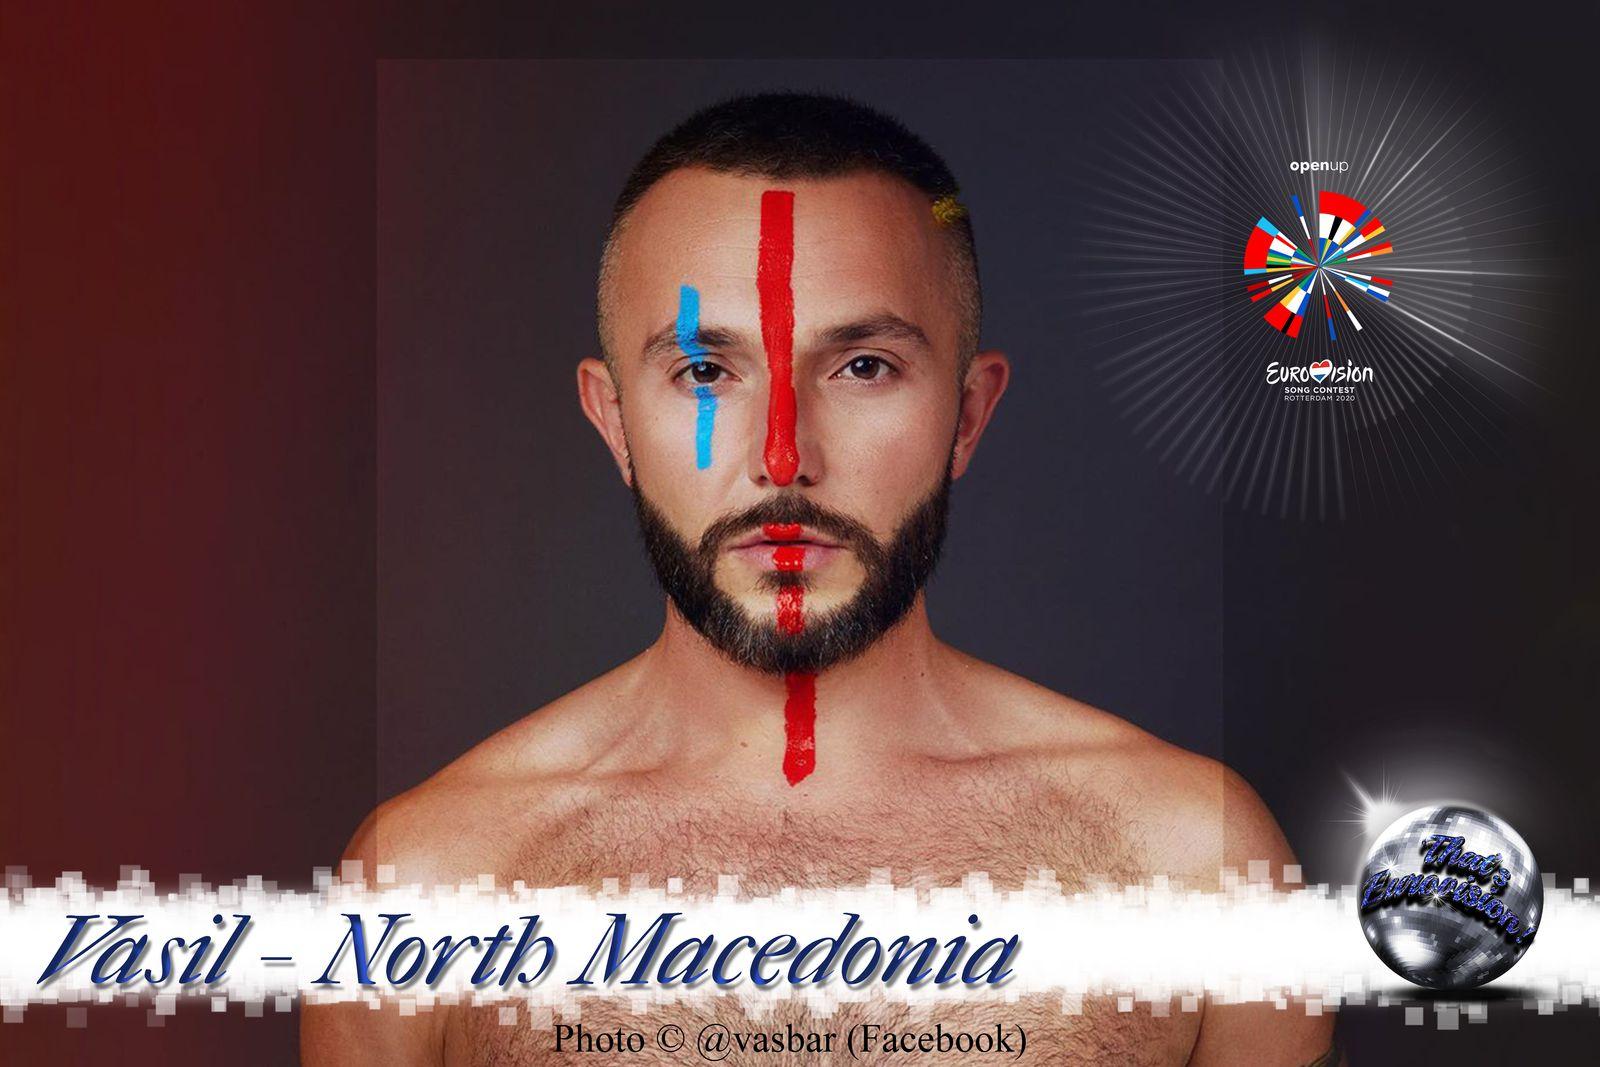 North Macedonia 2020 - Vasil